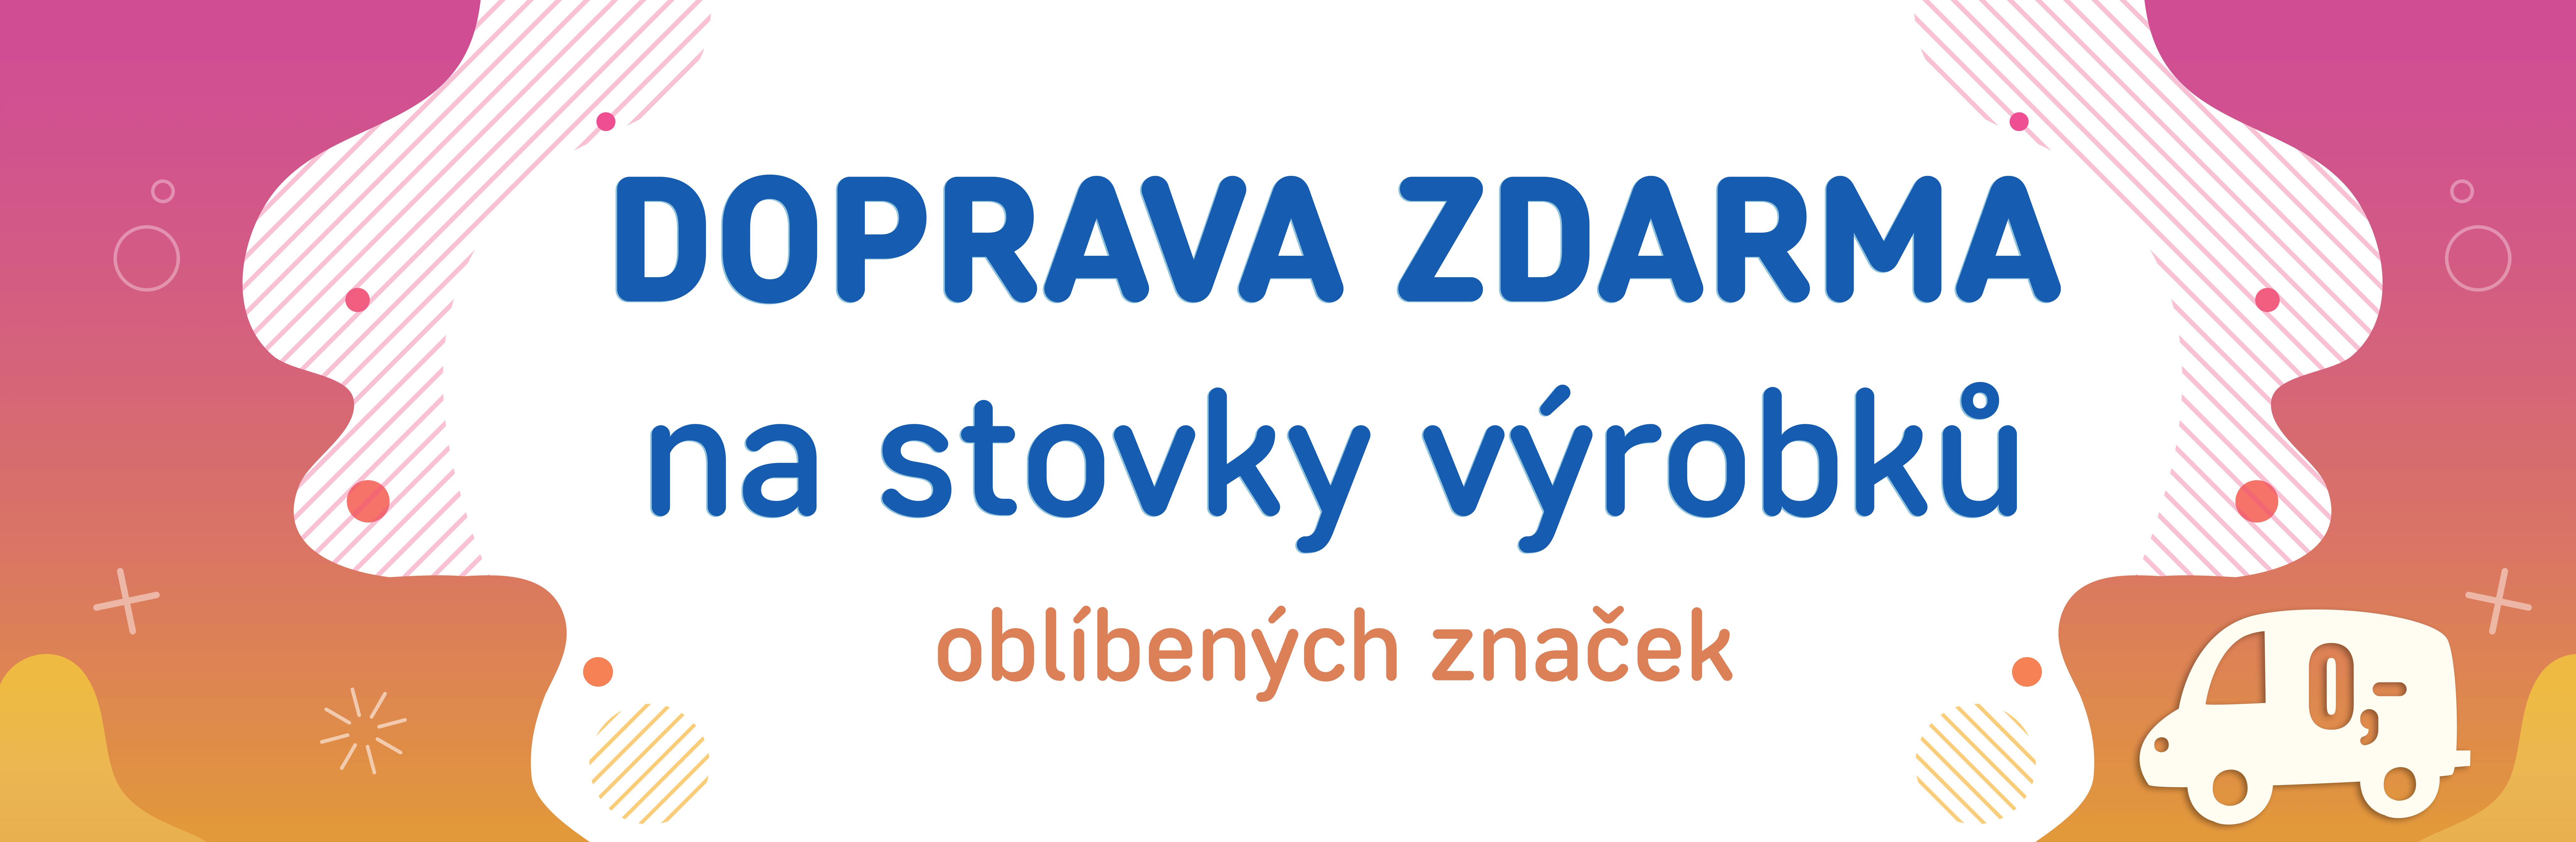 Doprava zdarma_feedo_cz